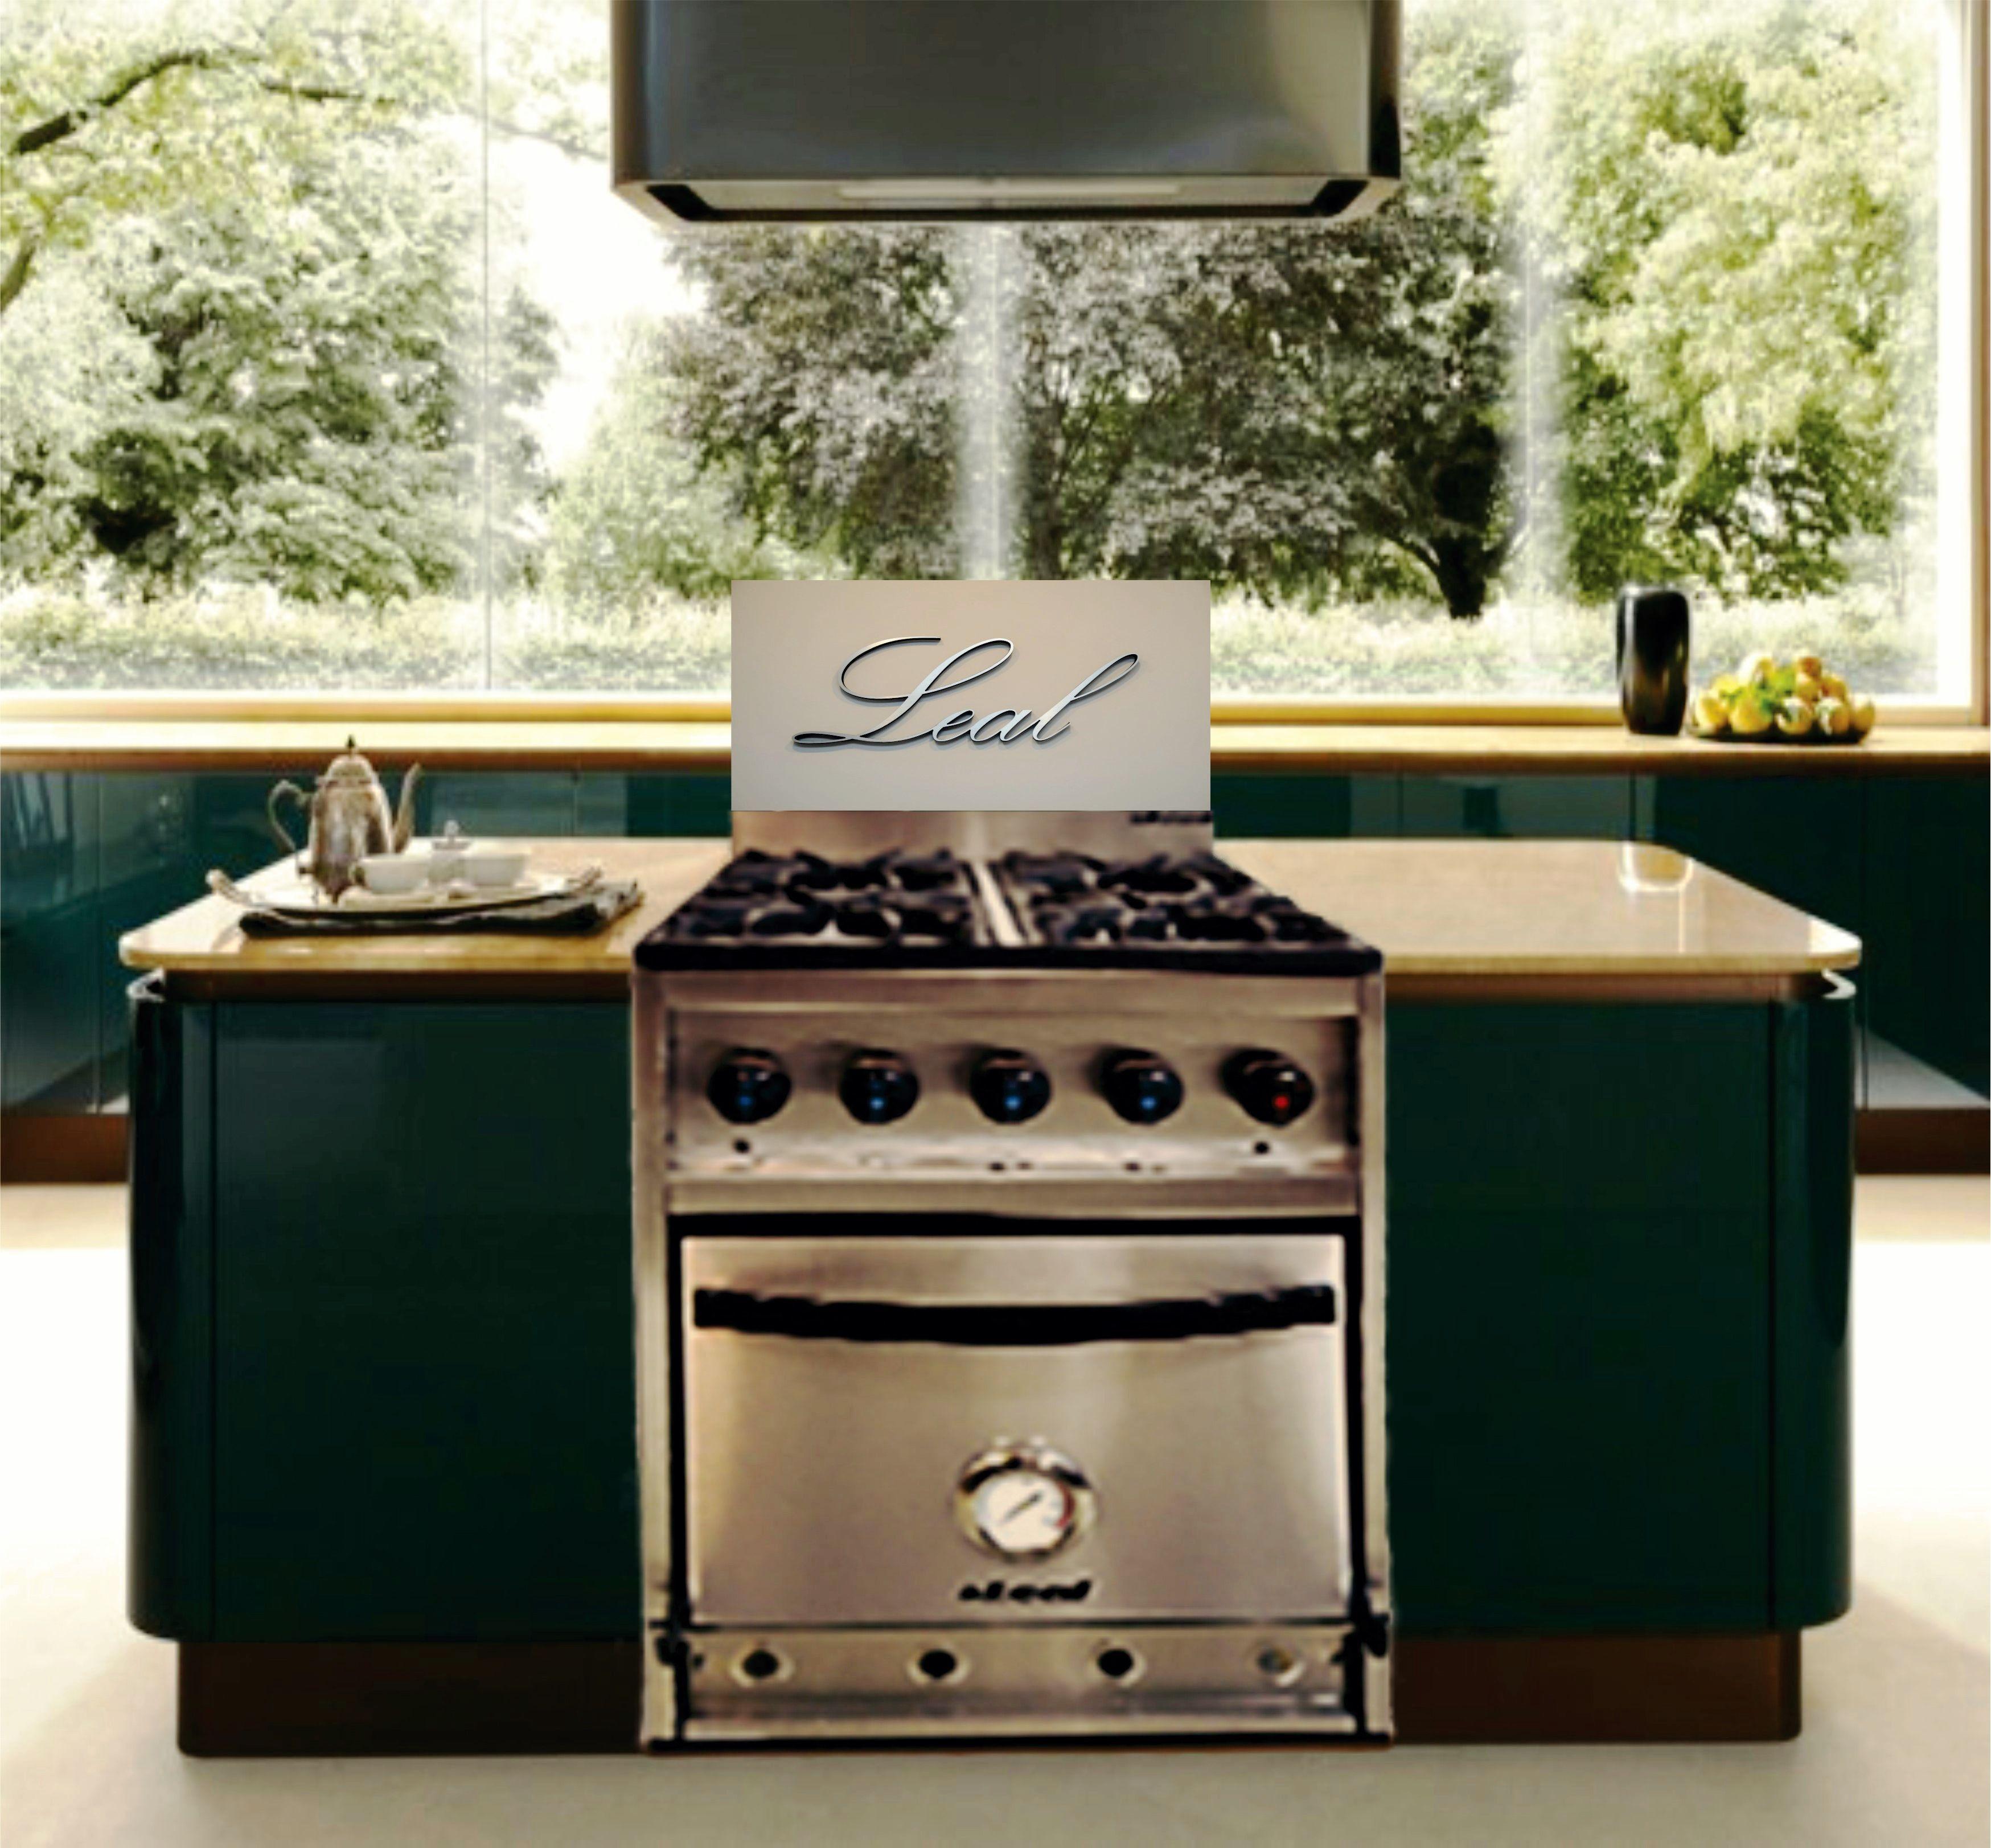 Cocinas De Acero Inoxidable Industriales Y Semi Industriales Ideales A La Hora De Cocinar Cocinasaceroinoxidable Coc Cocinas Cocinas Acero Inoxidable Hogar